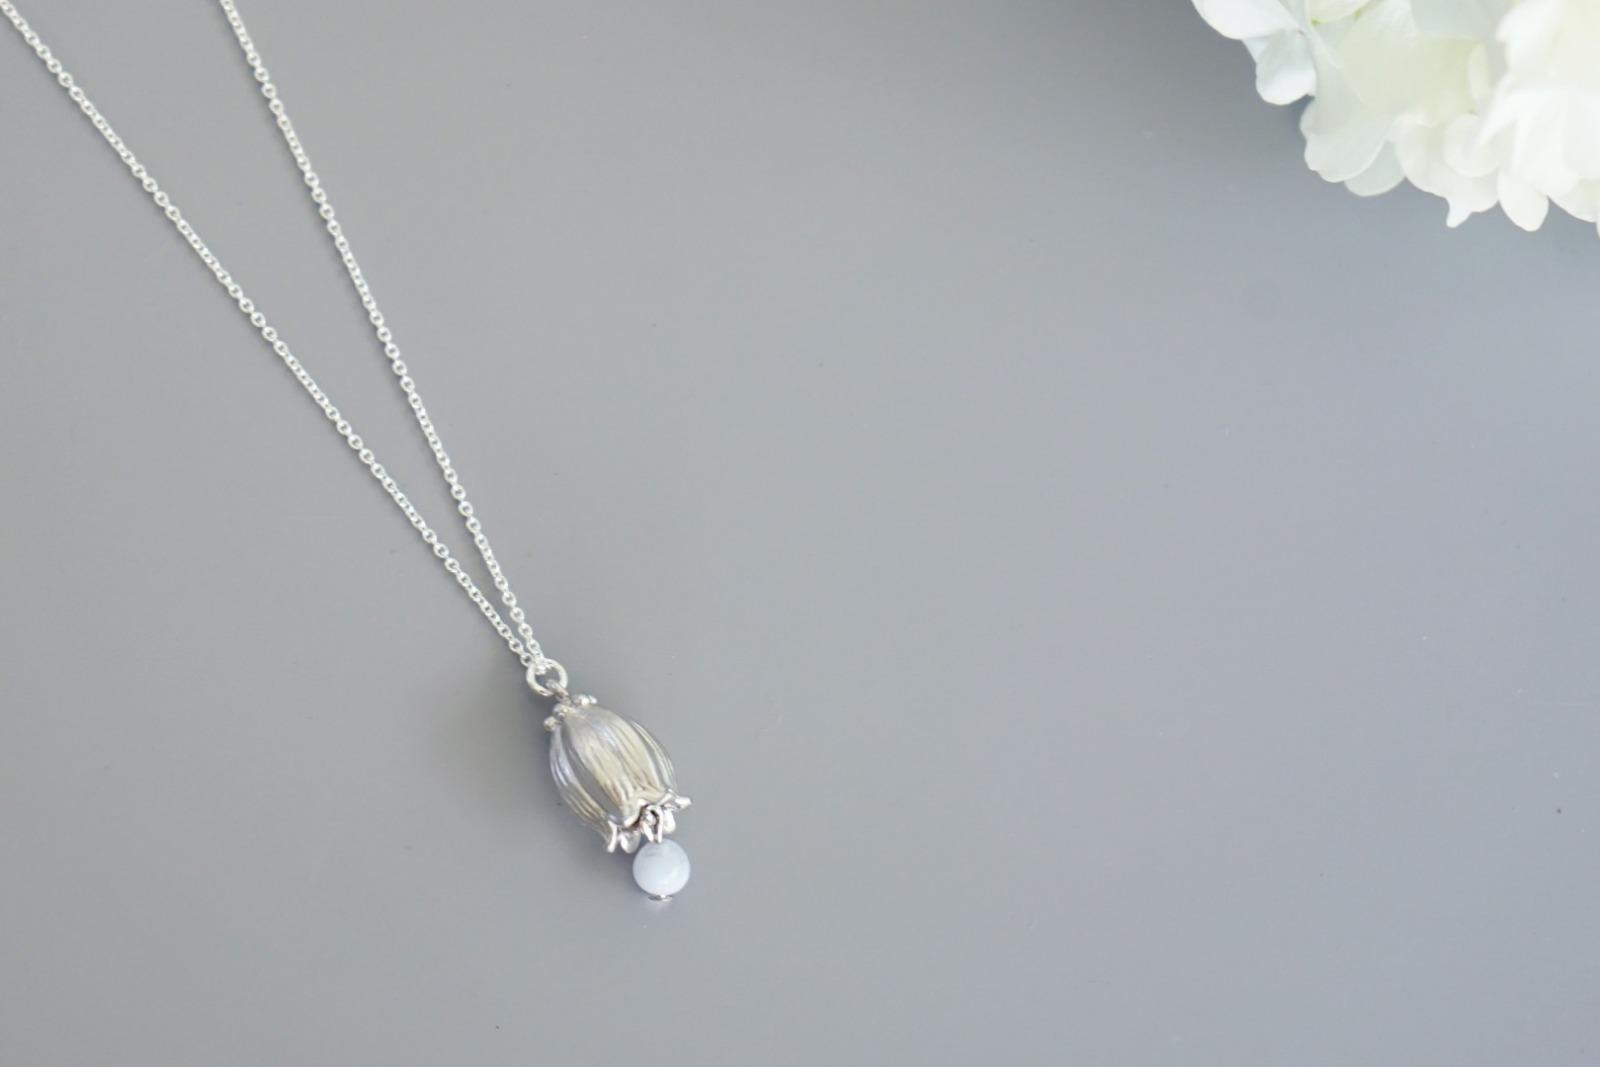 Kette silber mit Glockenblume und blauem Amazonit - 1